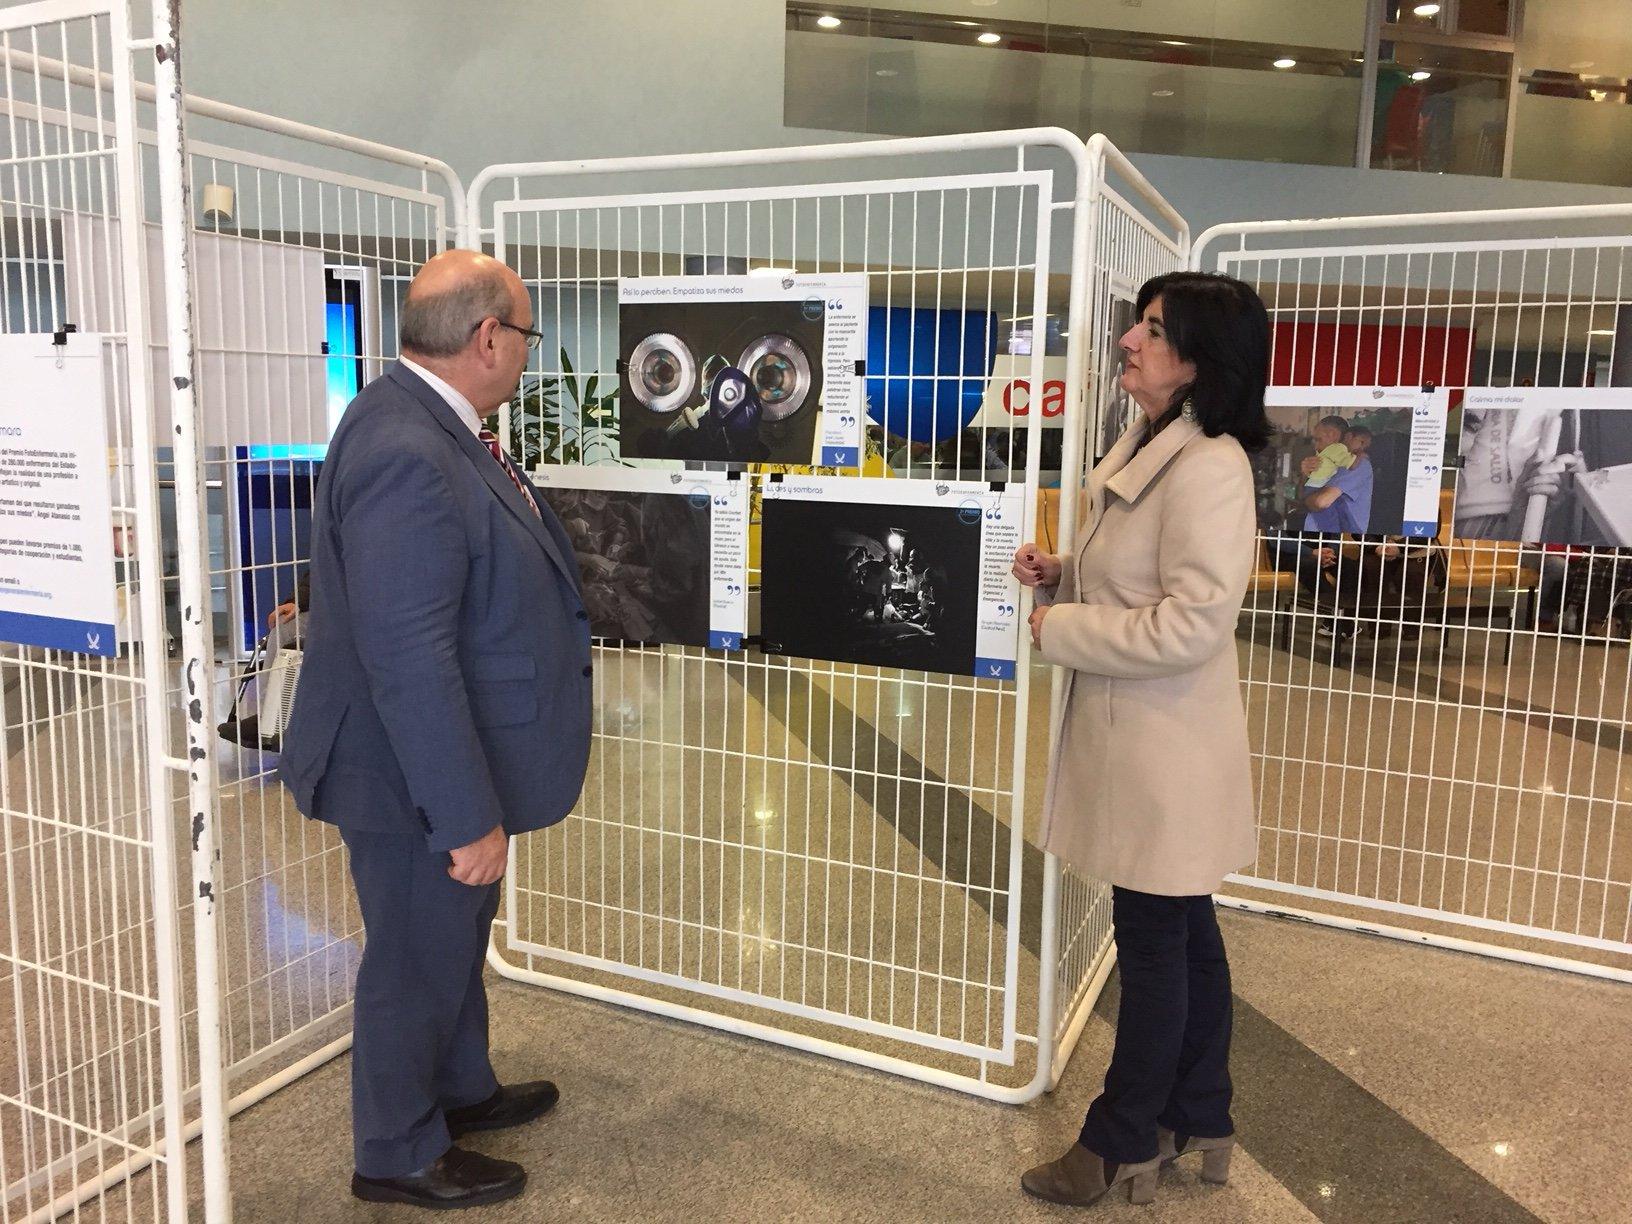 El Hospital San Pedro de Alcántara de Cáceres estrena la exposición FotoEnfermería